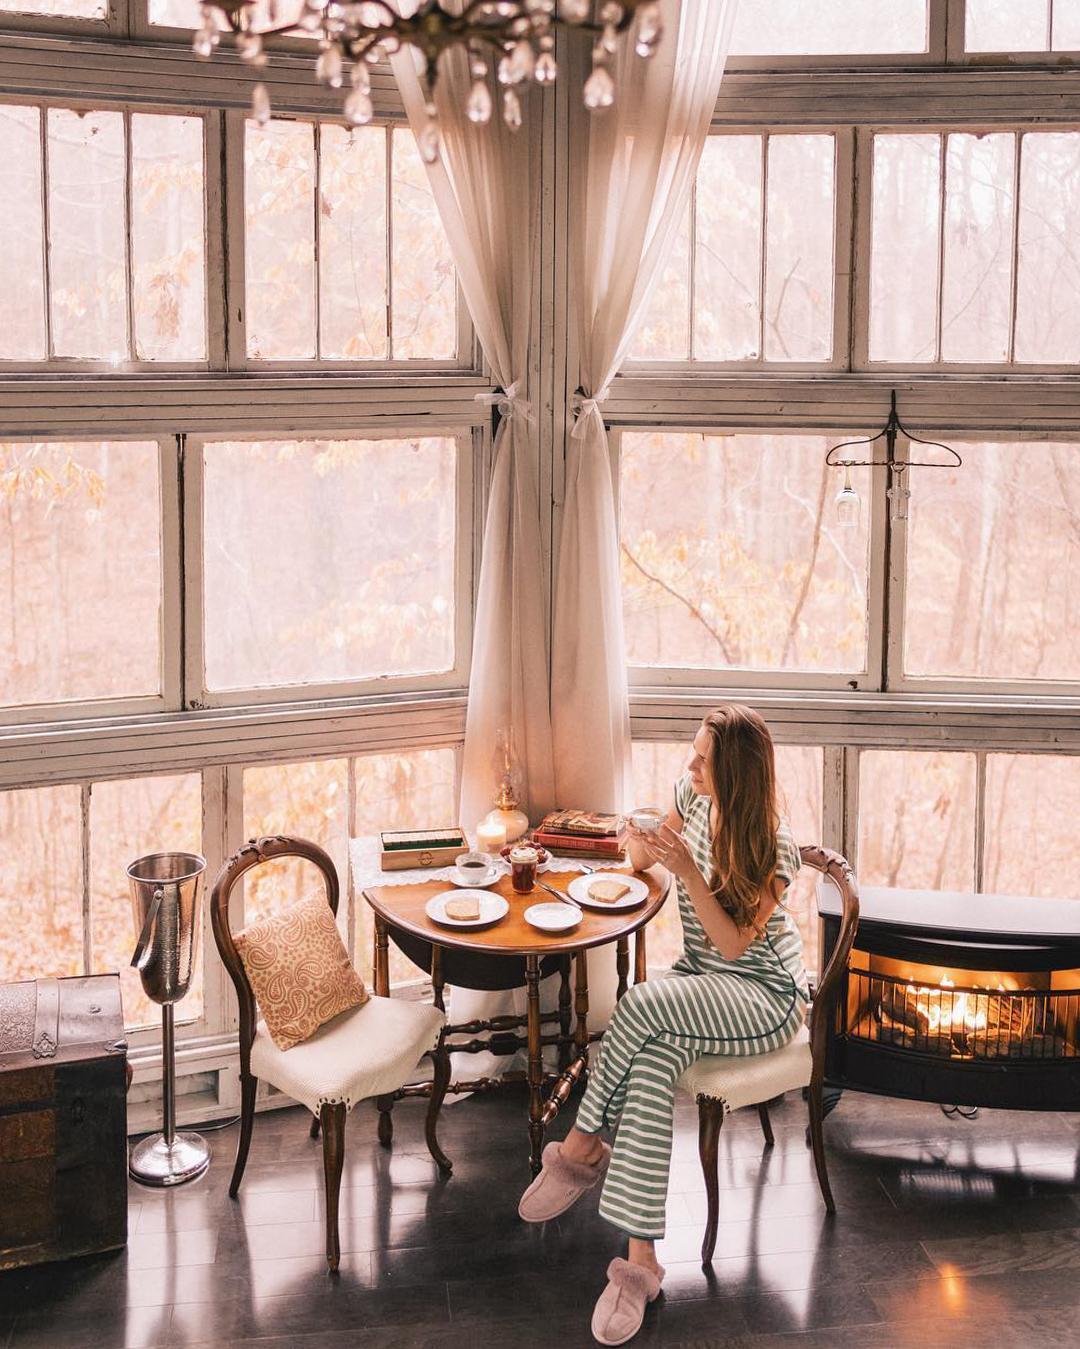 浪漫的野外露营 帐篷酒店螺栓农场树屋及度假屋